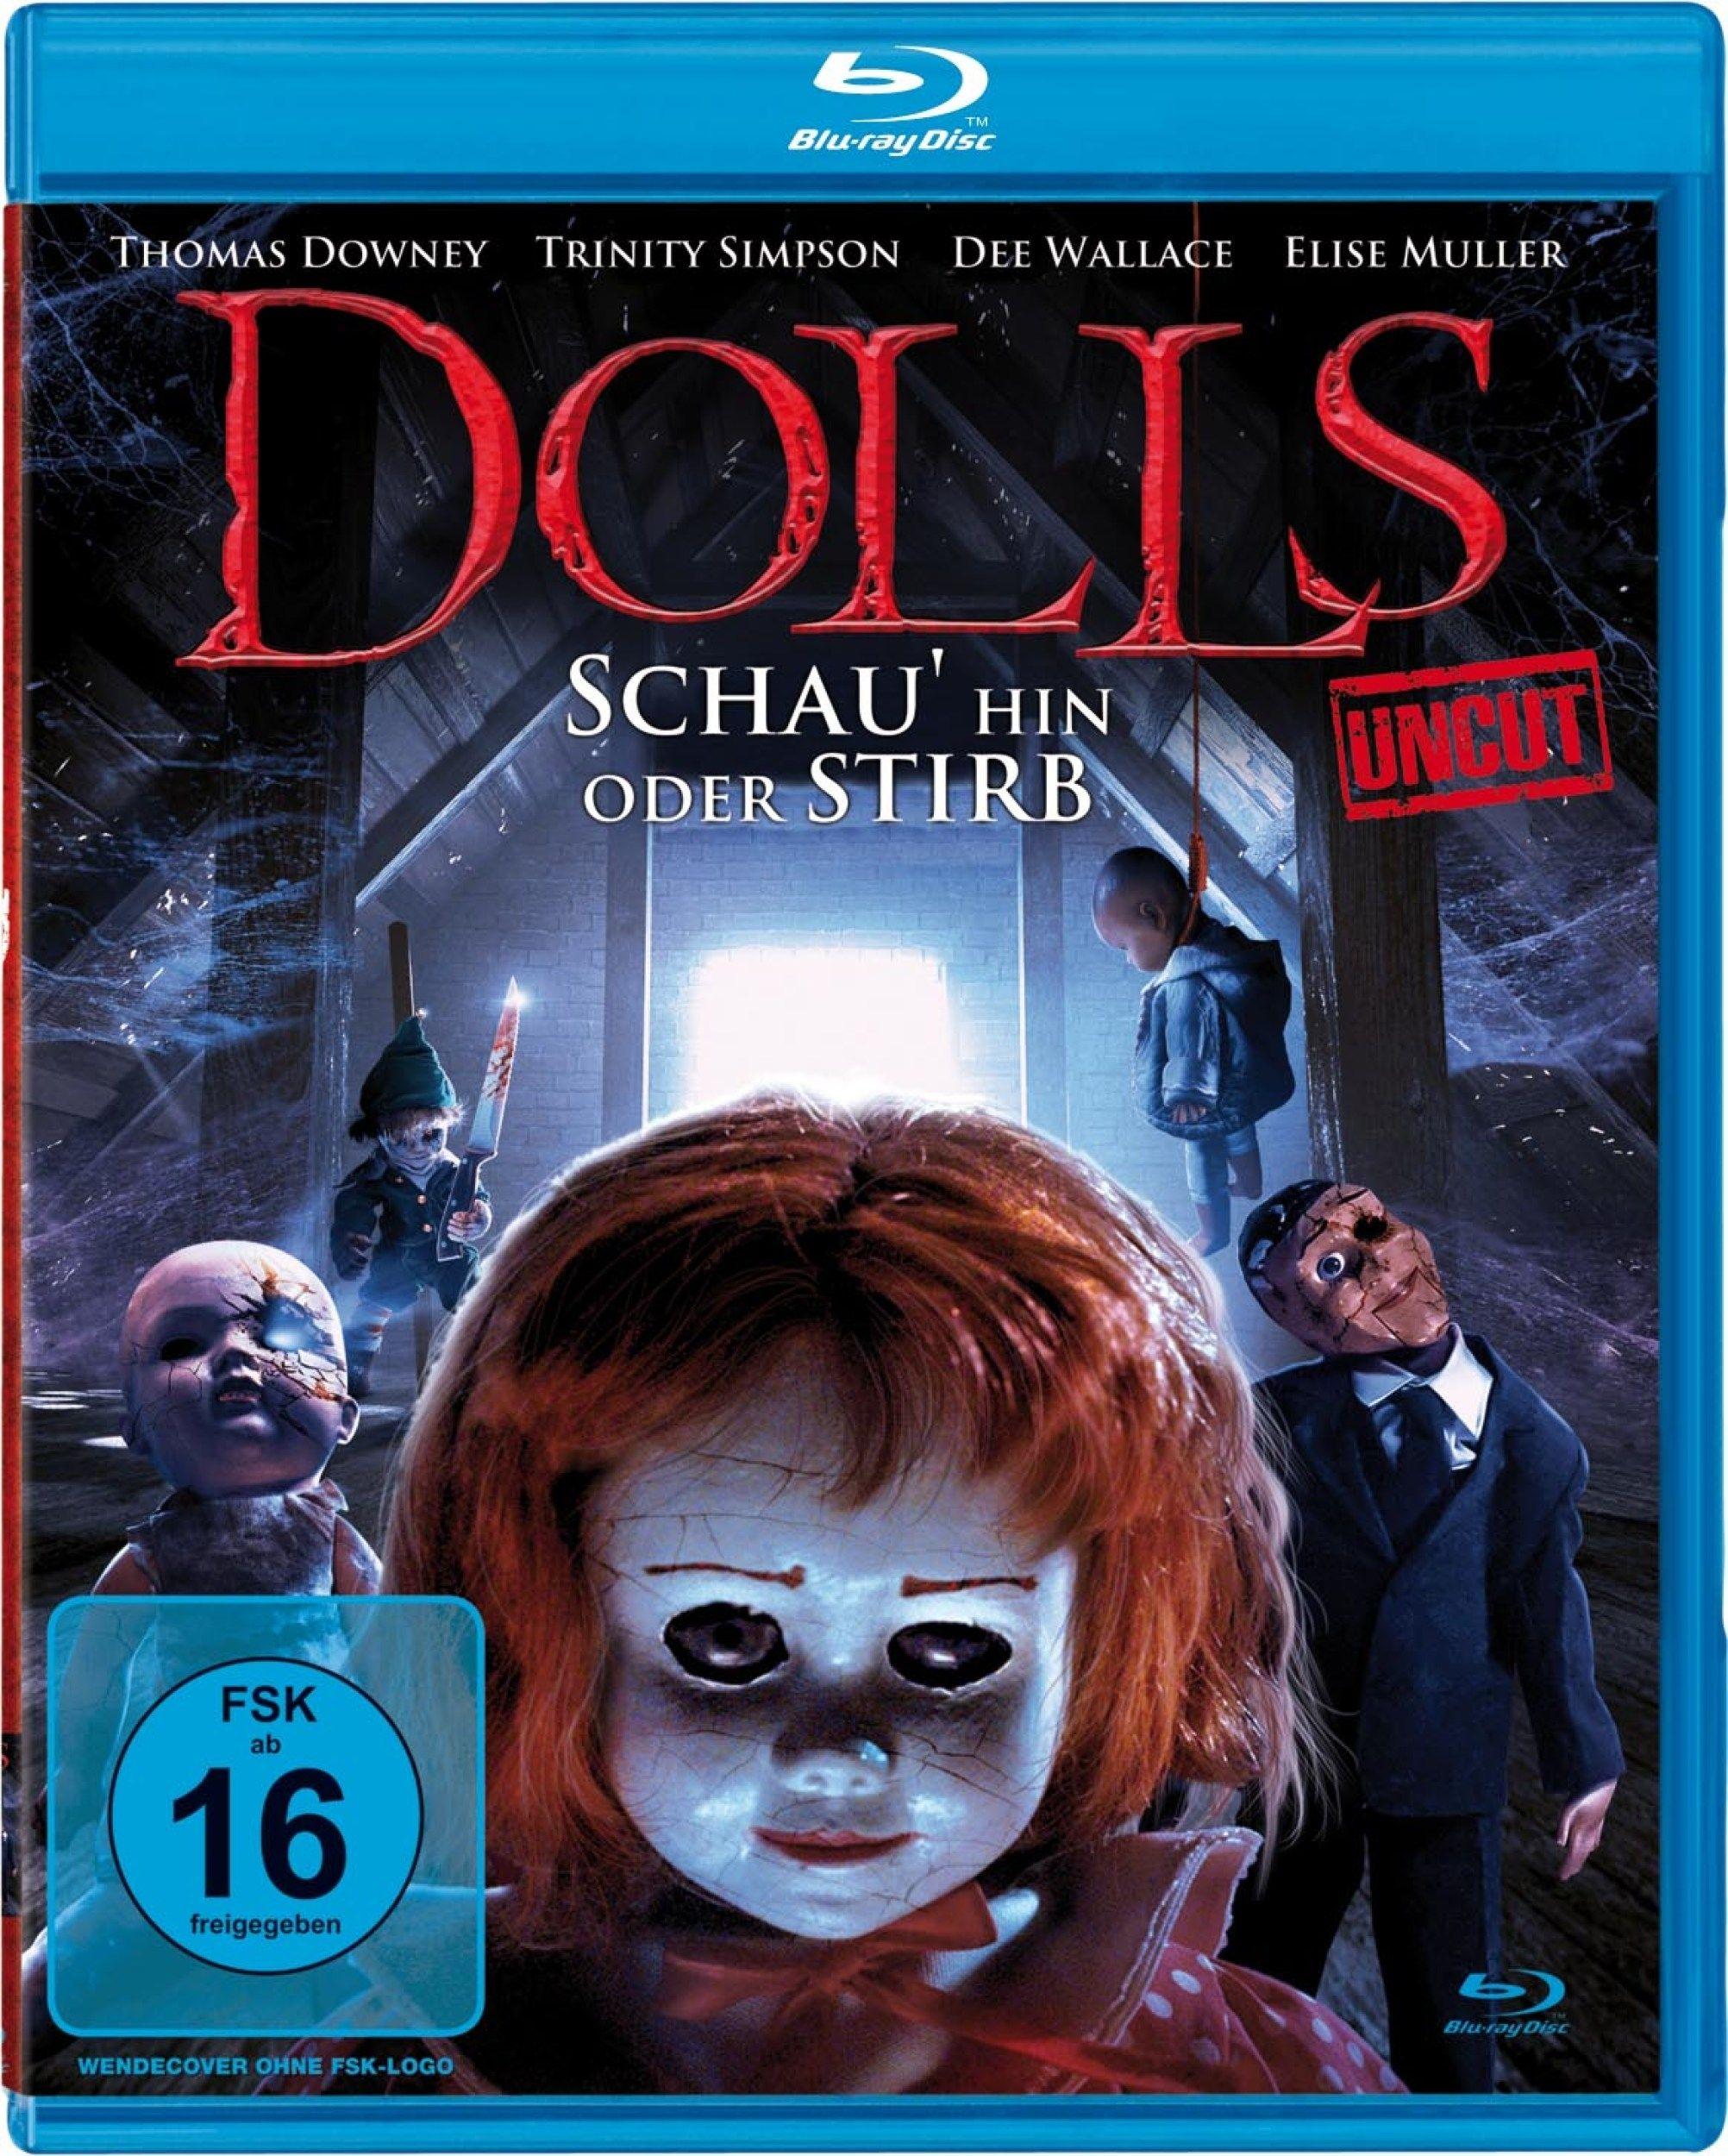 Dolls - Schau hin' oder stirb (BLURAY)